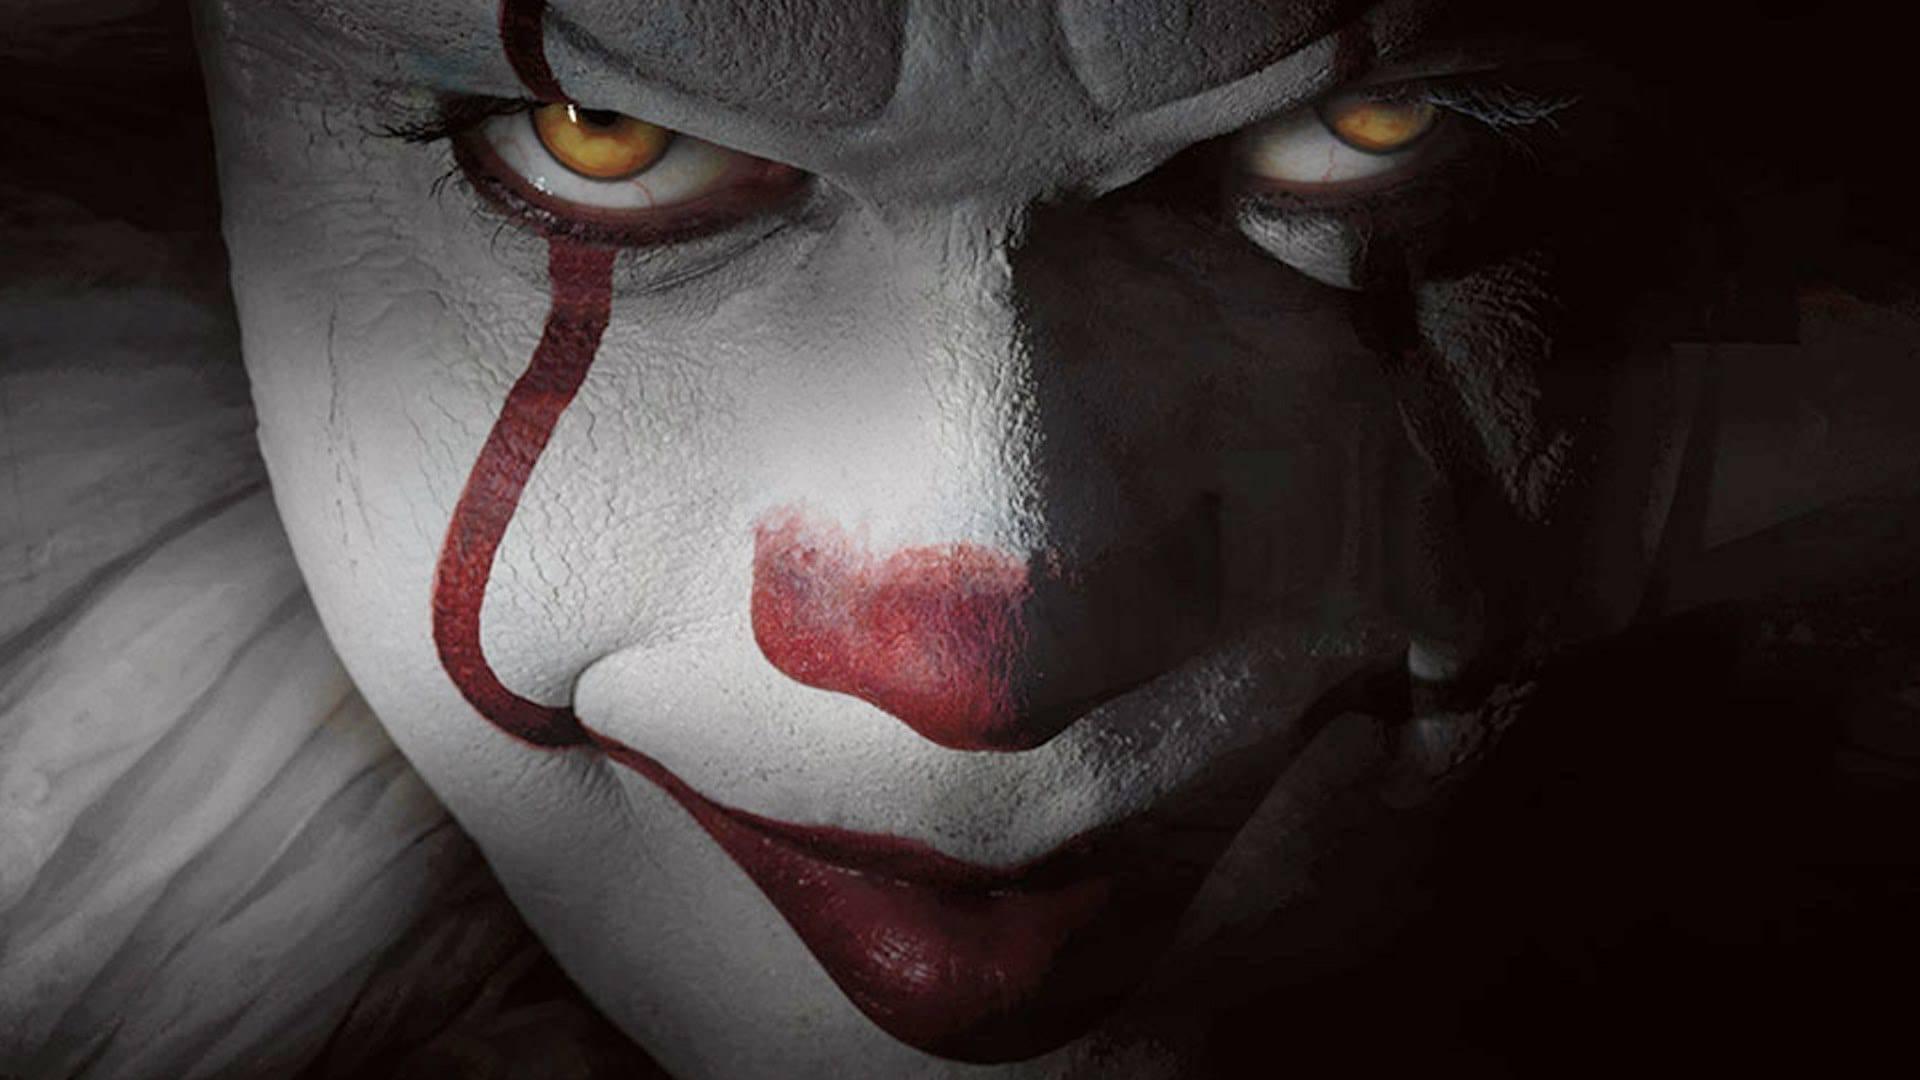 Ako se bojite klaunova, niste sami - taj strah čak ima i ime